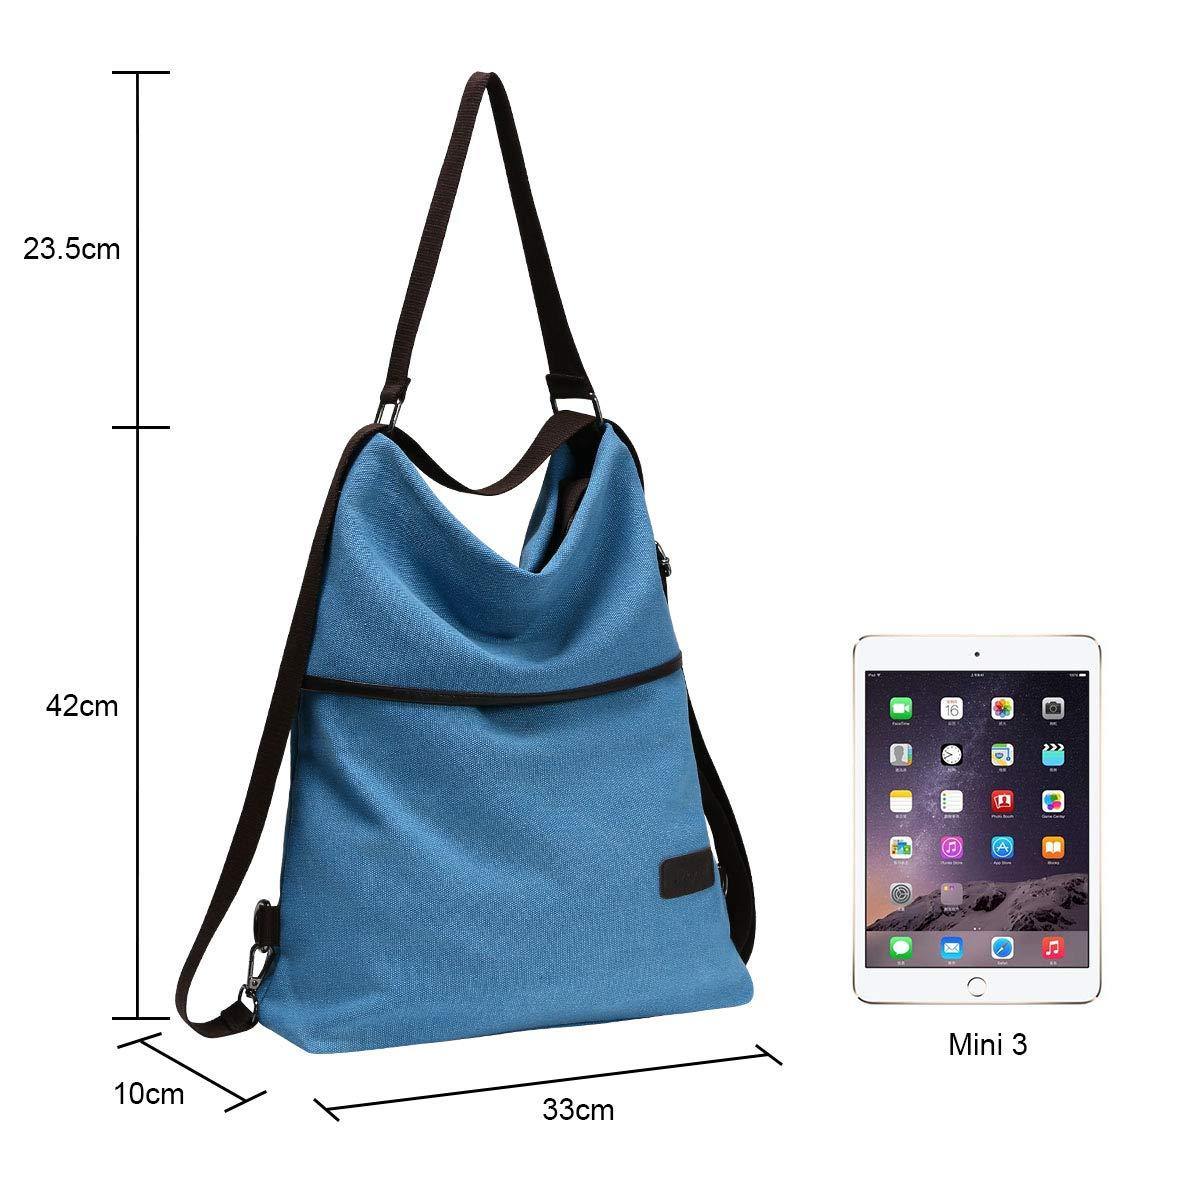 URAQT Bolsos de Mujer Mujer Lona Microfibra Multifuncional Casual Bolso de Cuero de Gran Capacidad Bolsas de Hombro Mochila Azul Mochila de Lona